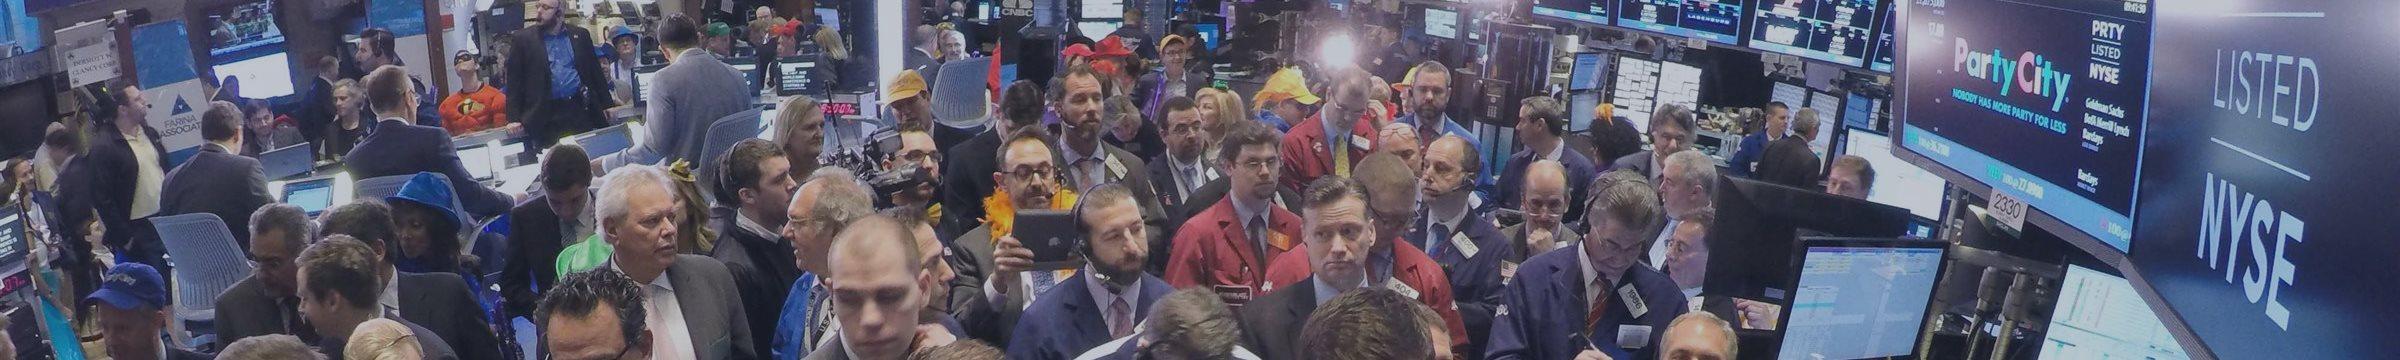 Обзор финансовых рынков. Технический анализ и отчеты CFTC (9 - 15 мая)